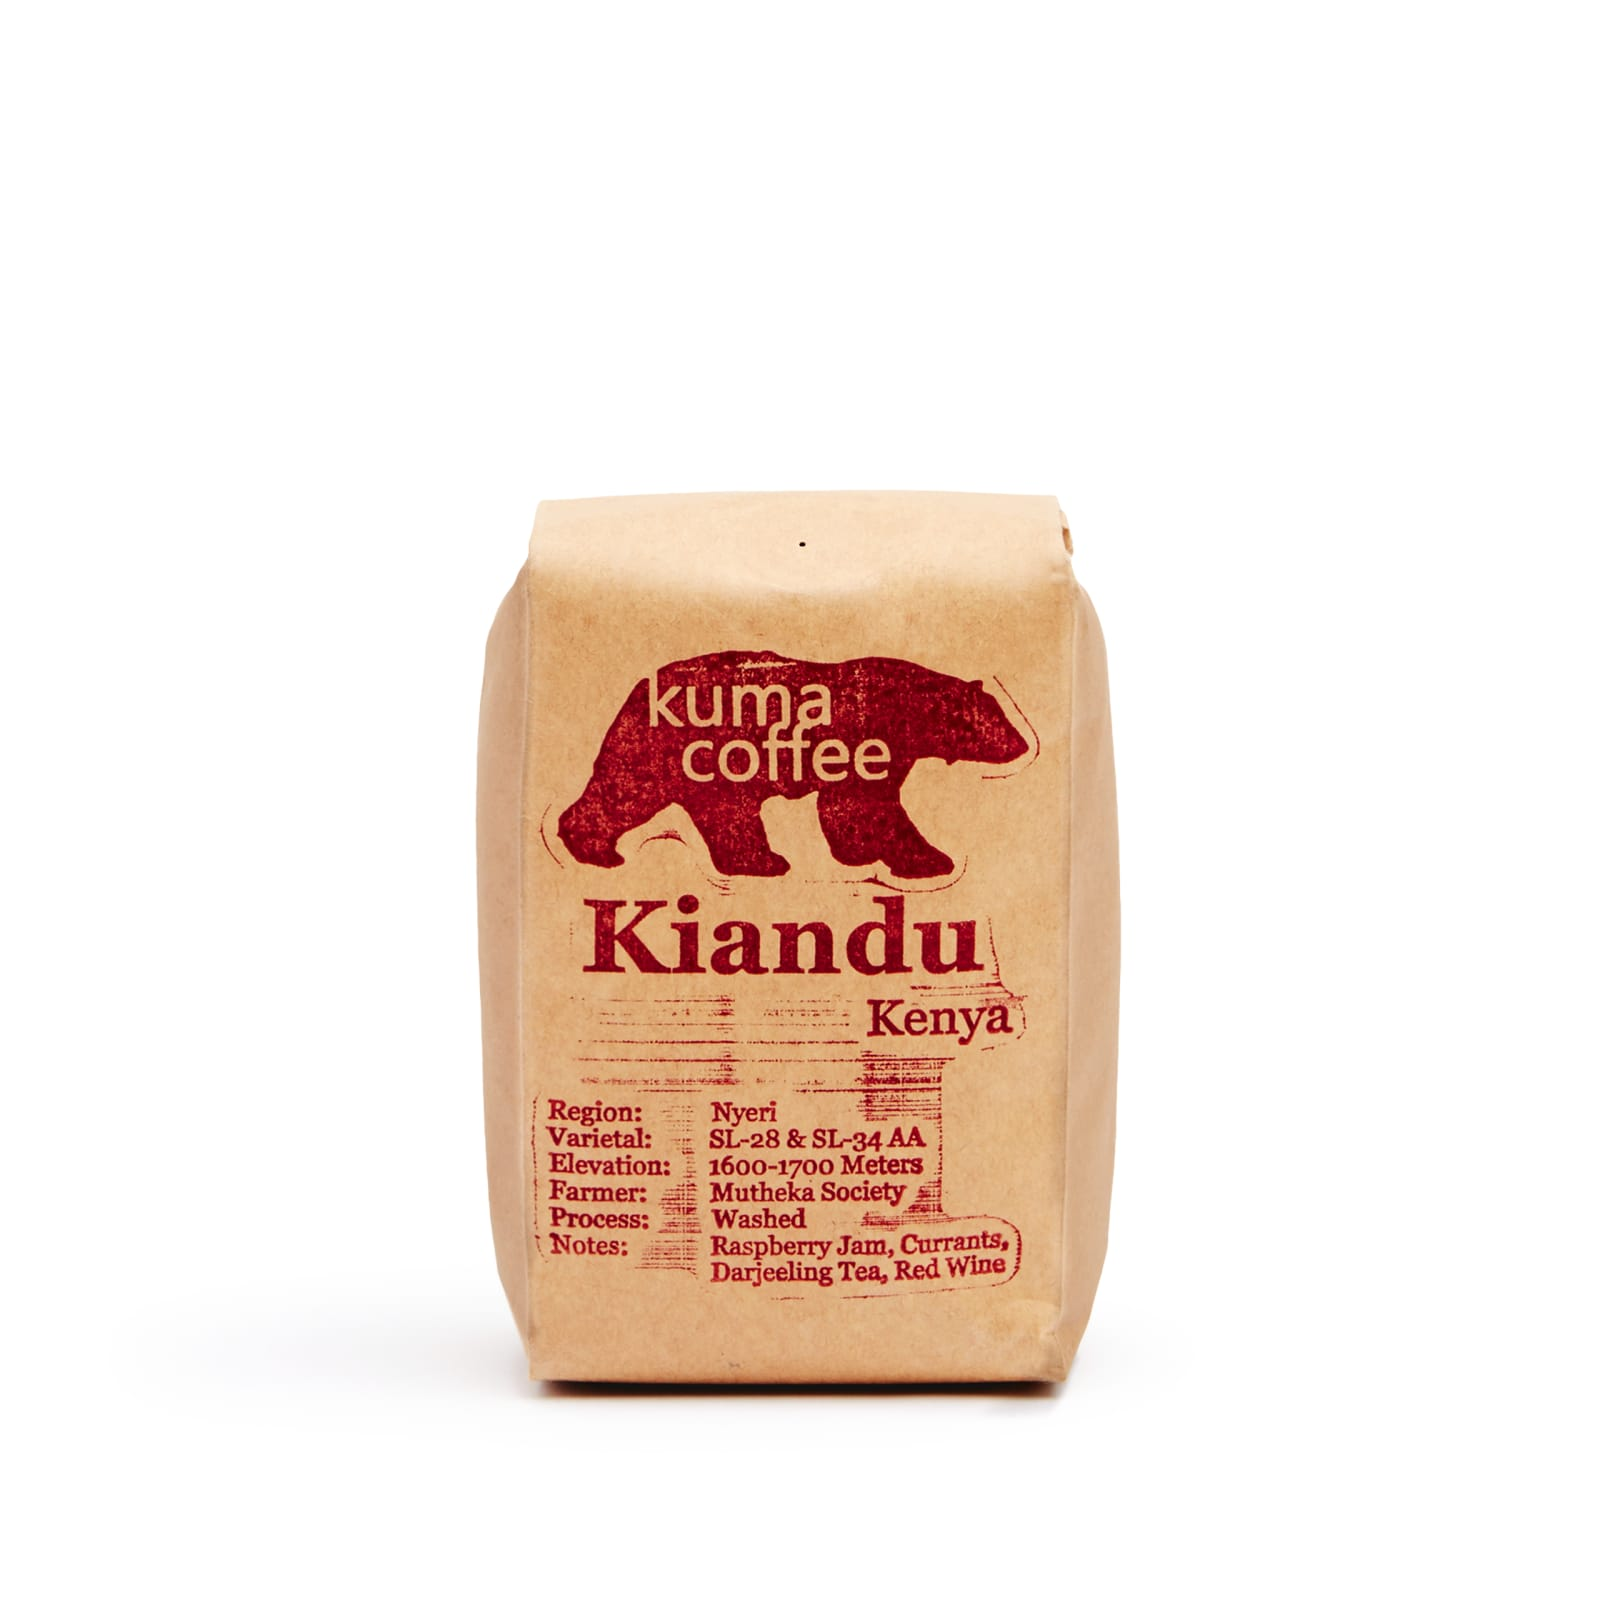 Kenya Kiandu